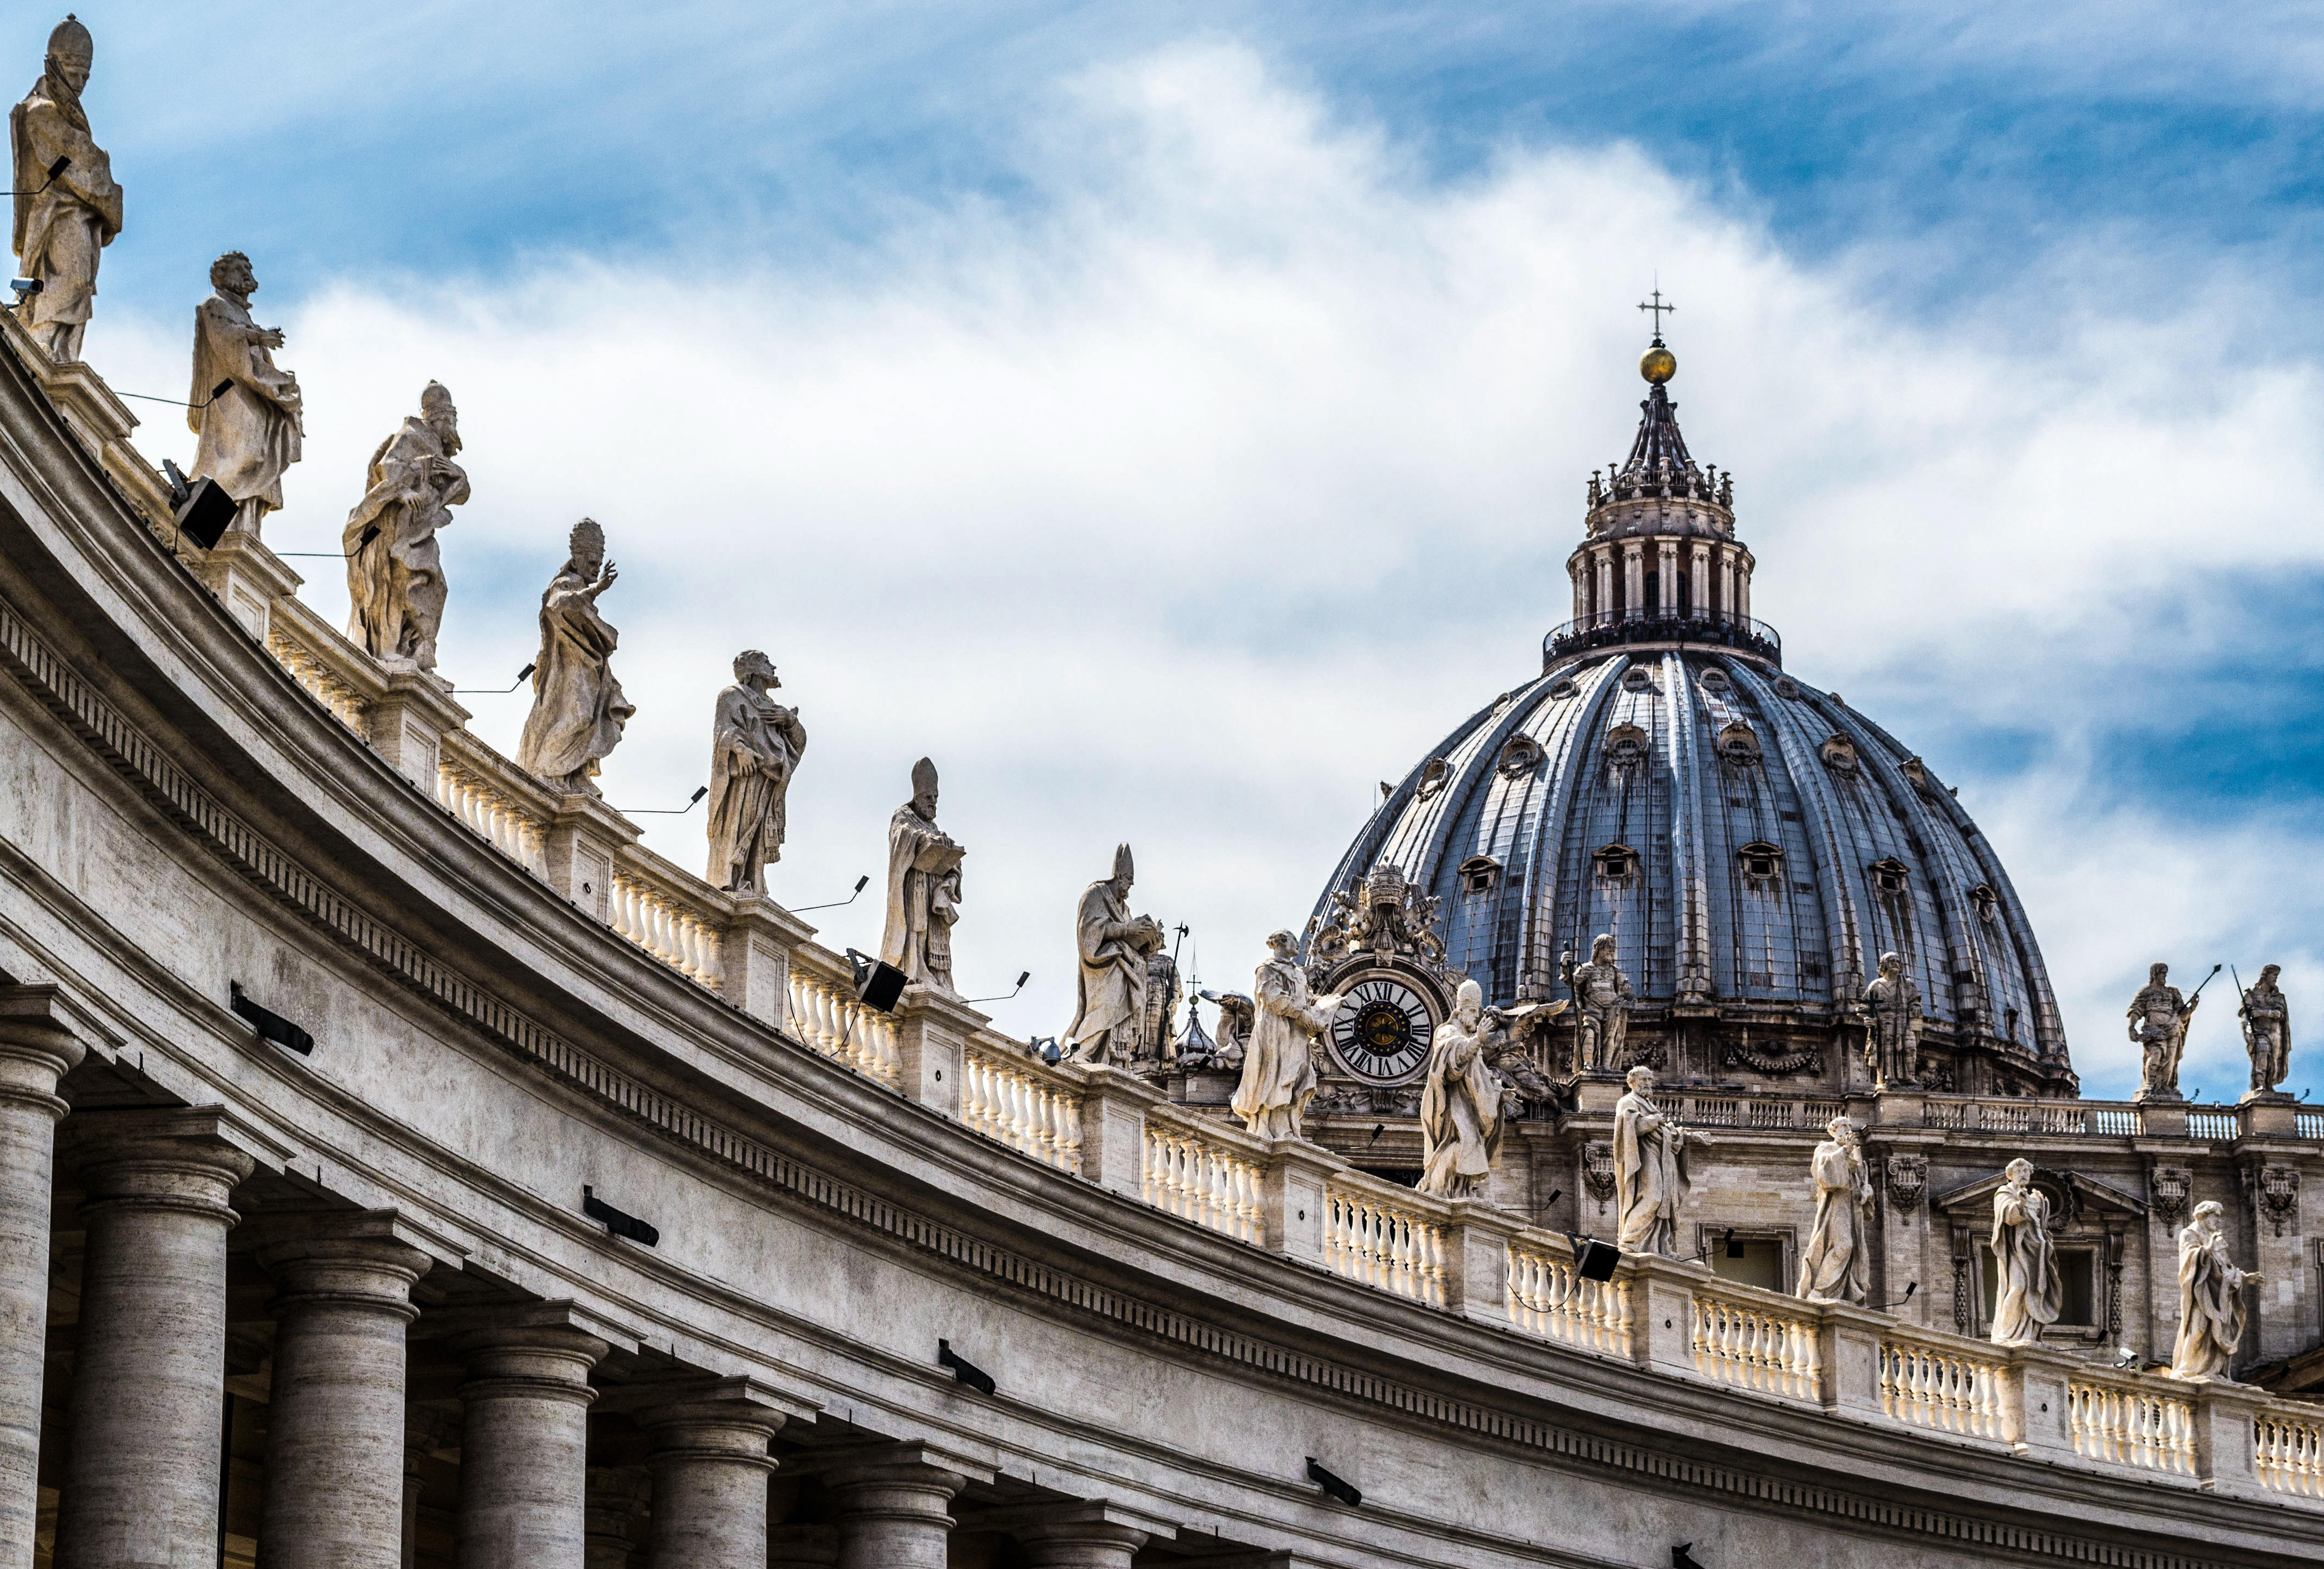 Viaja al Vaticano, el corazón del cristianismo - Italia Circuito Italia de Norte a Sur